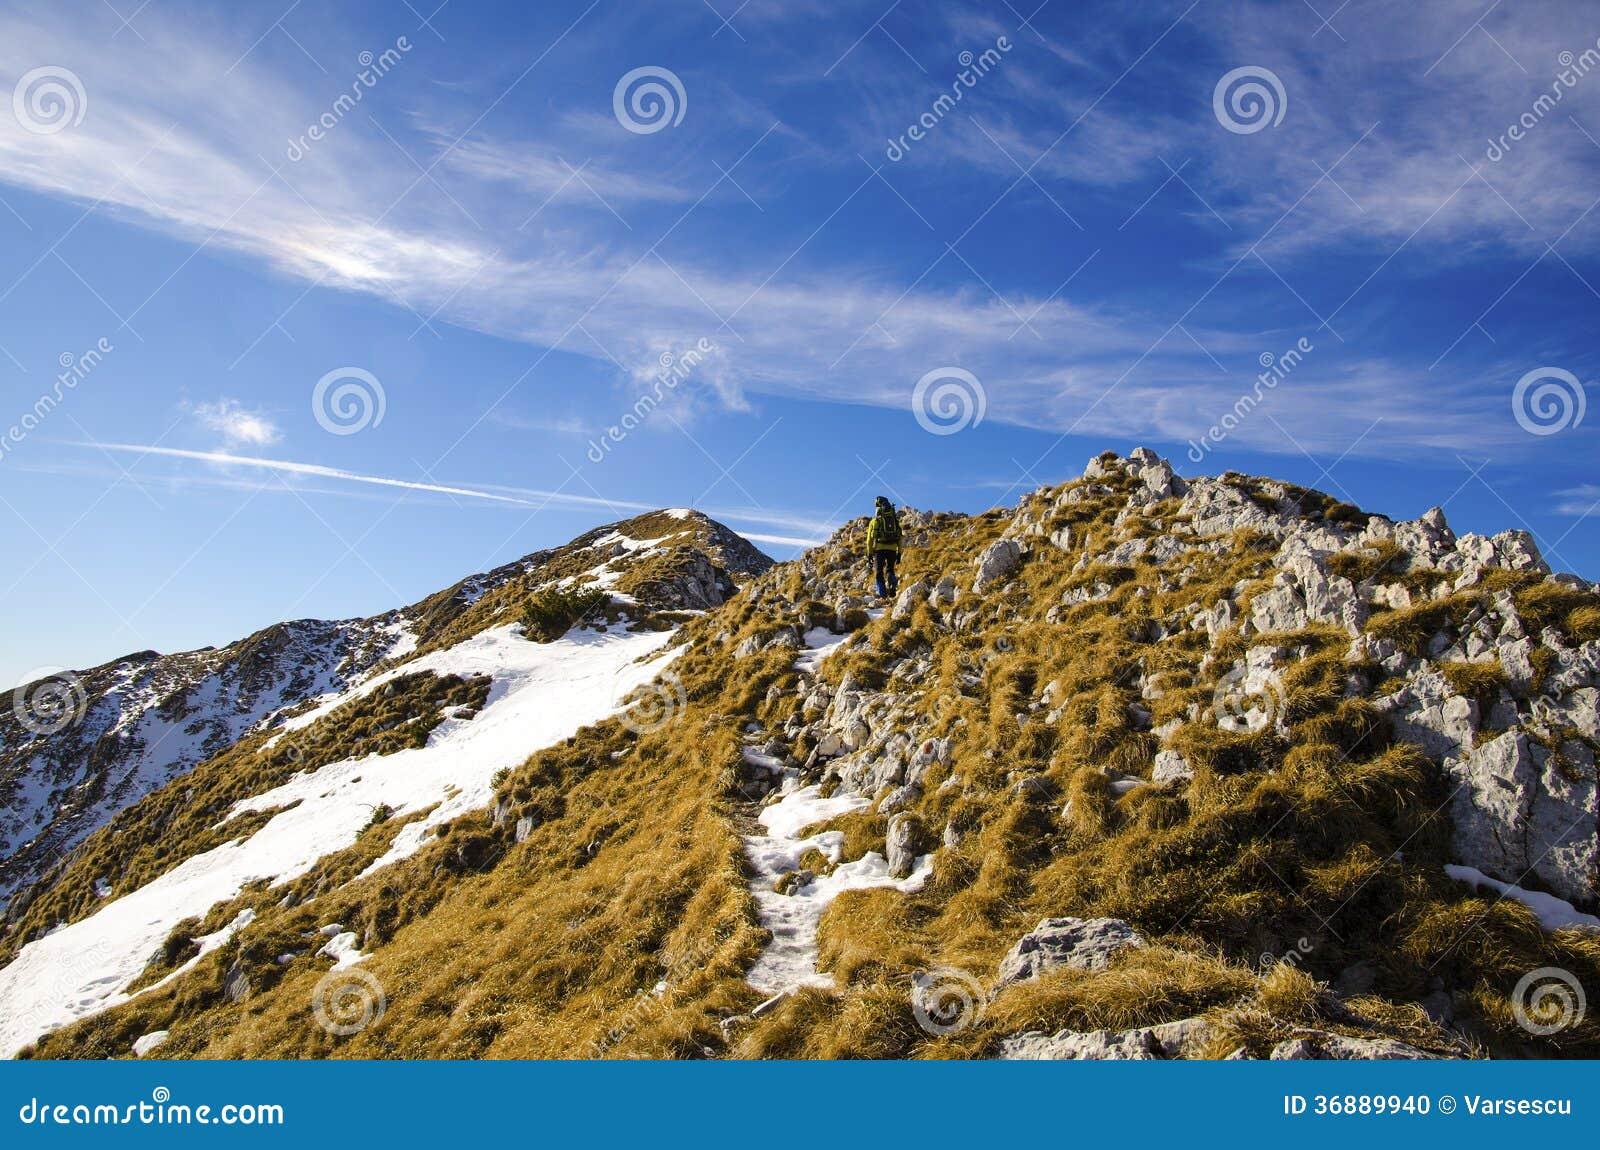 Download Cresta rocciosa fotografia stock. Immagine di orizzonte - 36889940